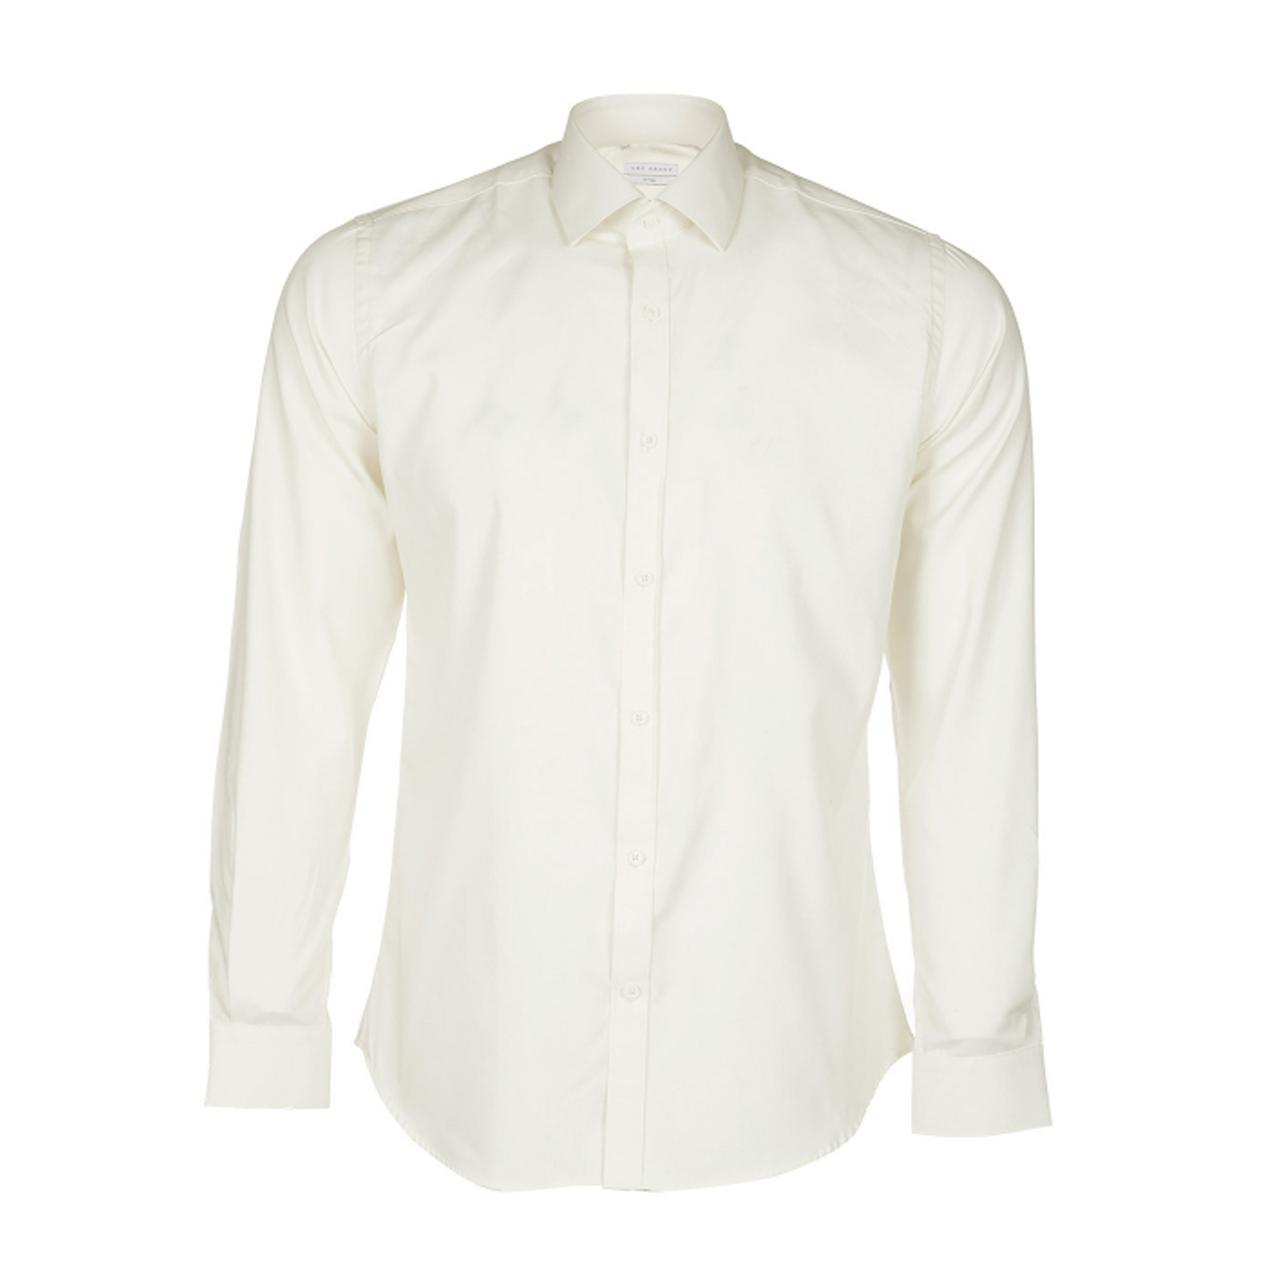 پیراهن آستین بلند مردانه ال آر سی مدل SSL81